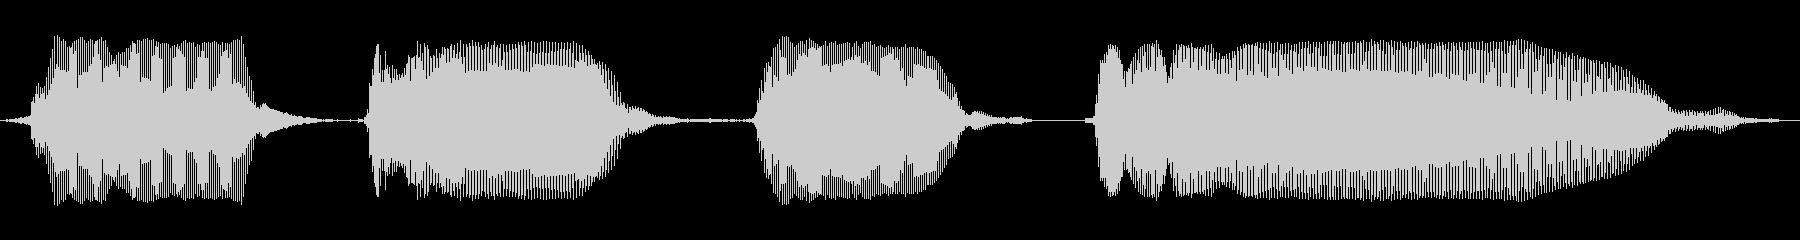 ぴんぽんぴんぽんの未再生の波形